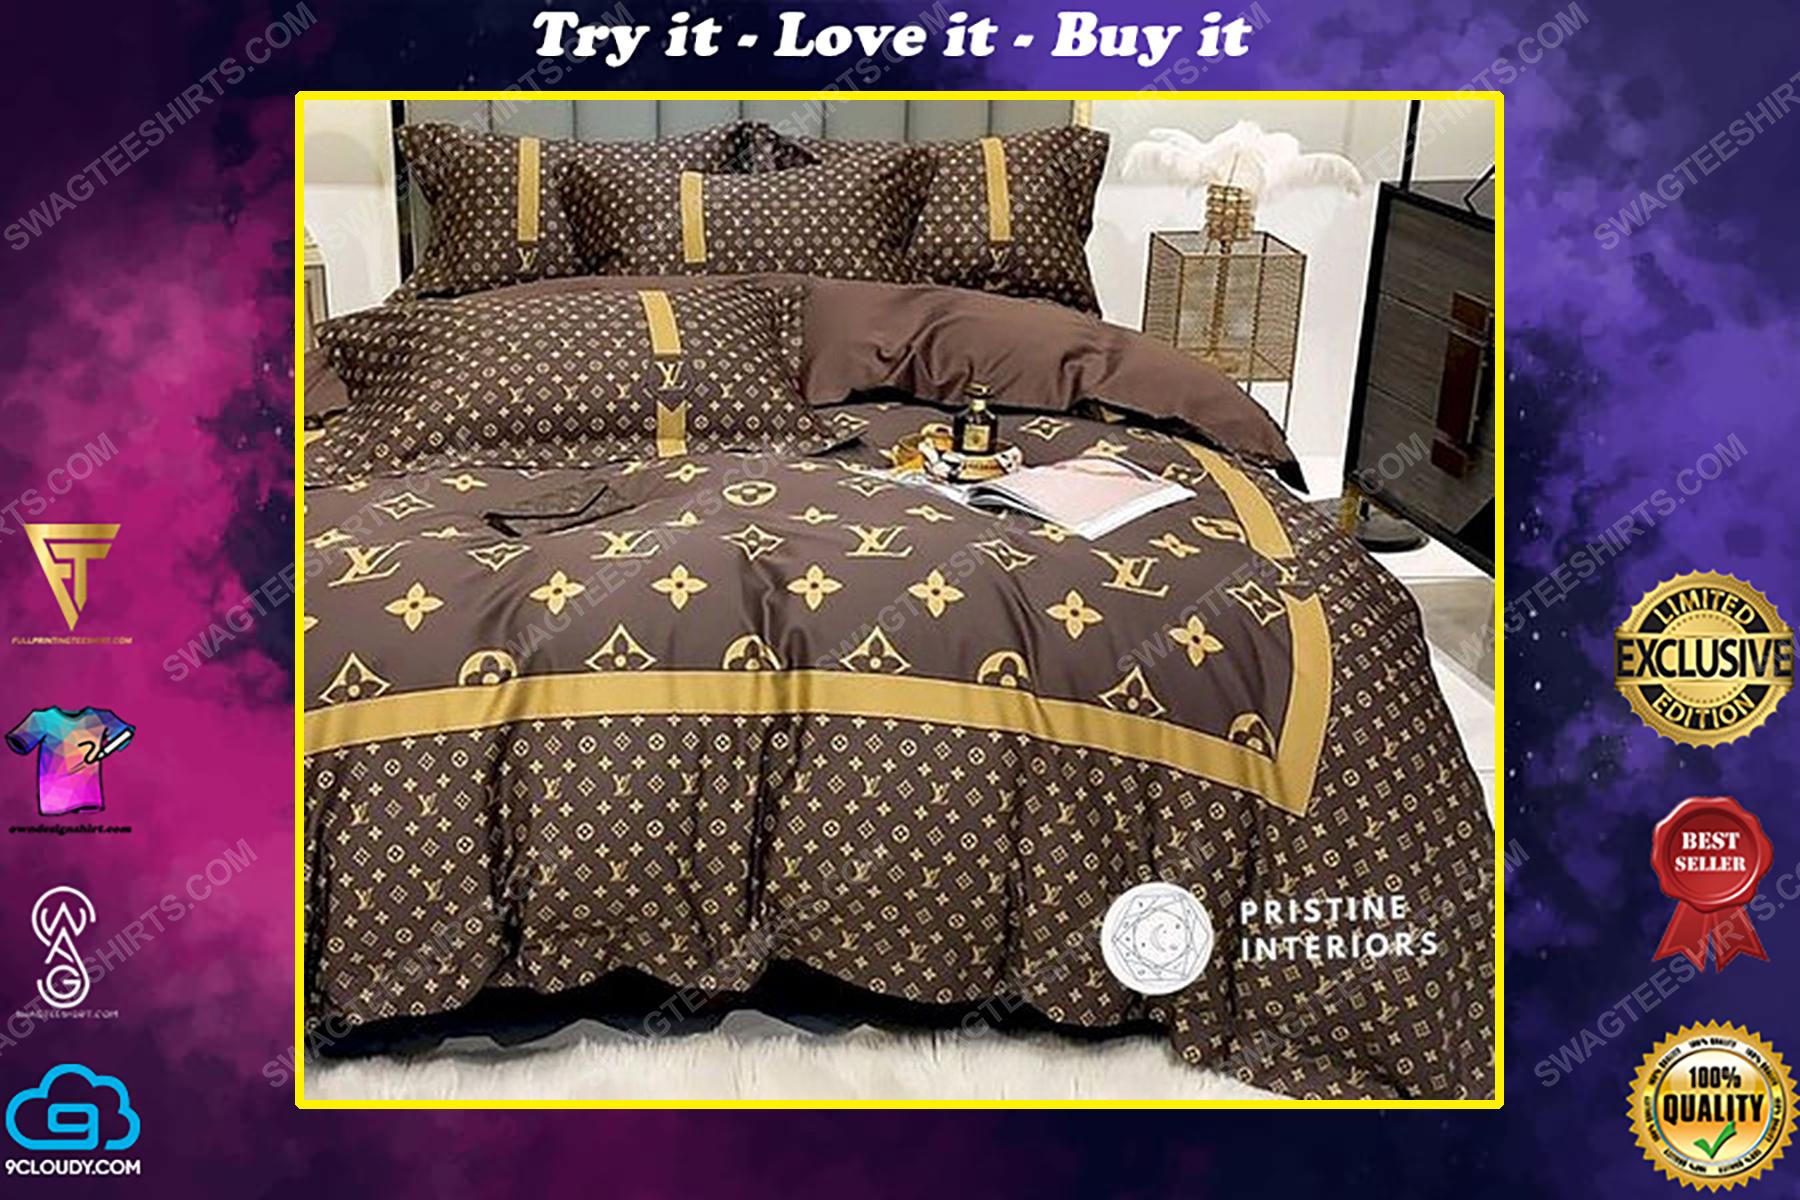 Lv monogram brown version full print duvet cover bedding set